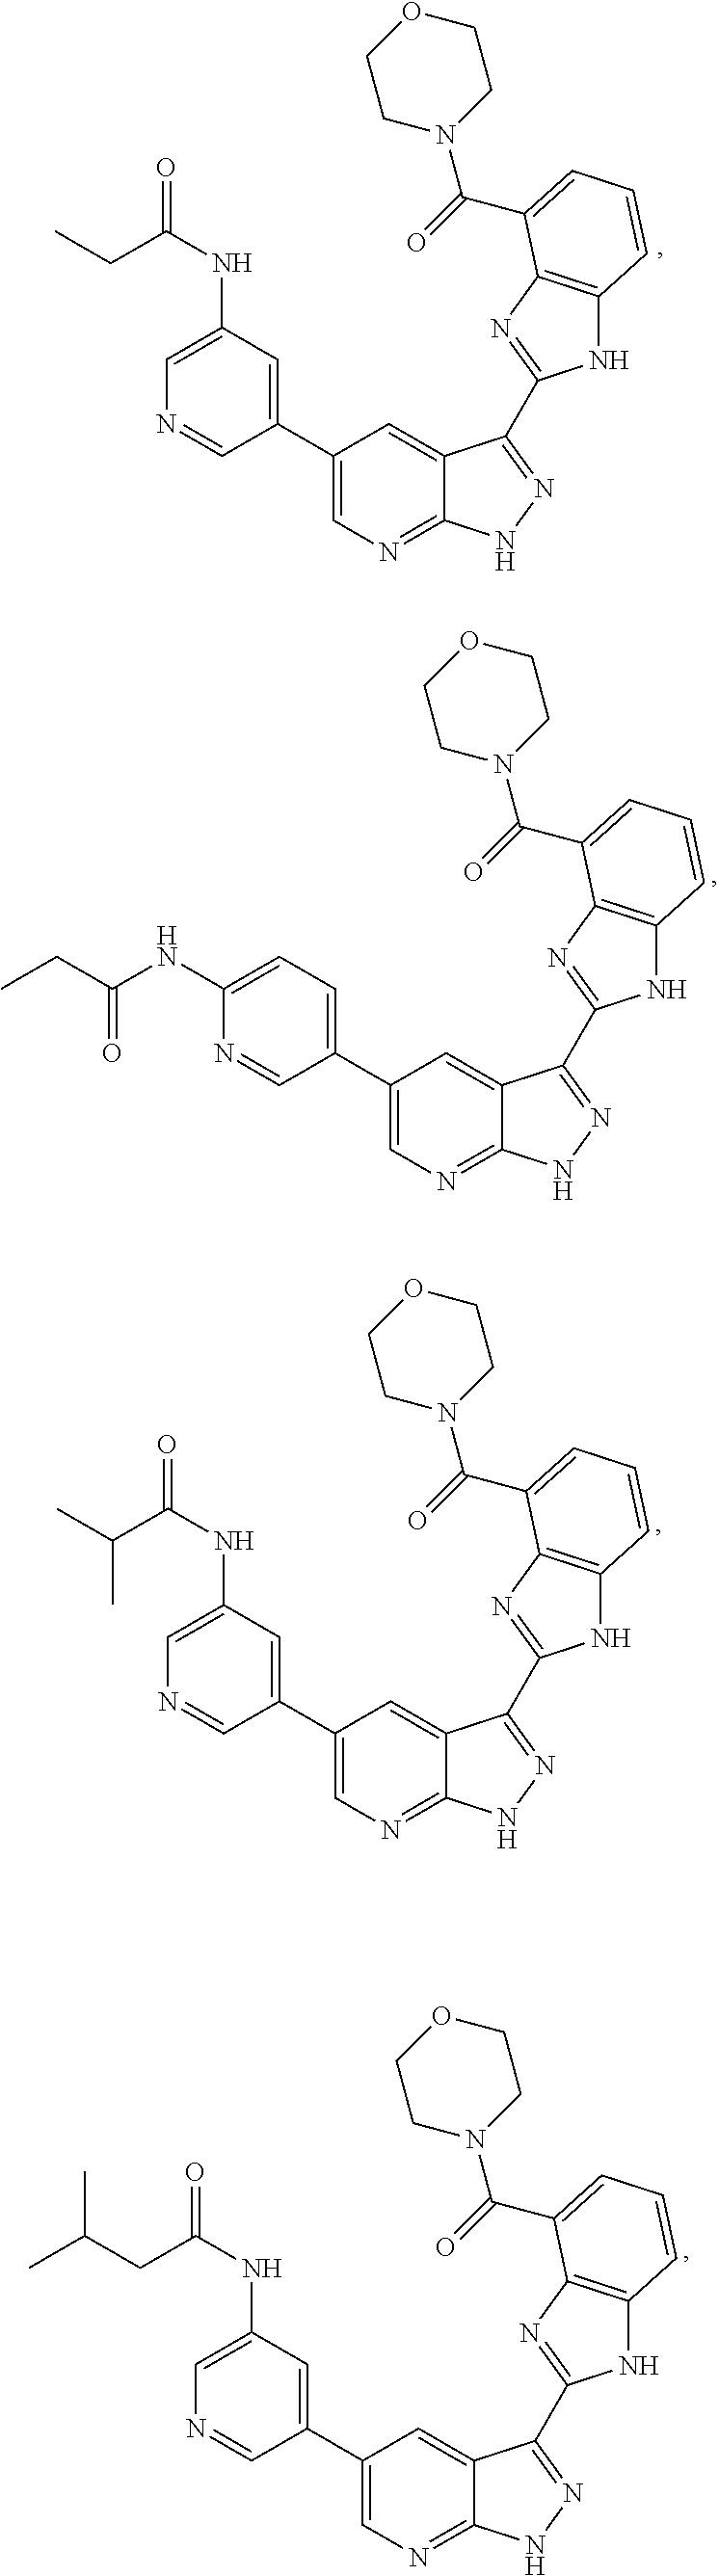 Figure US08618128-20131231-C00056